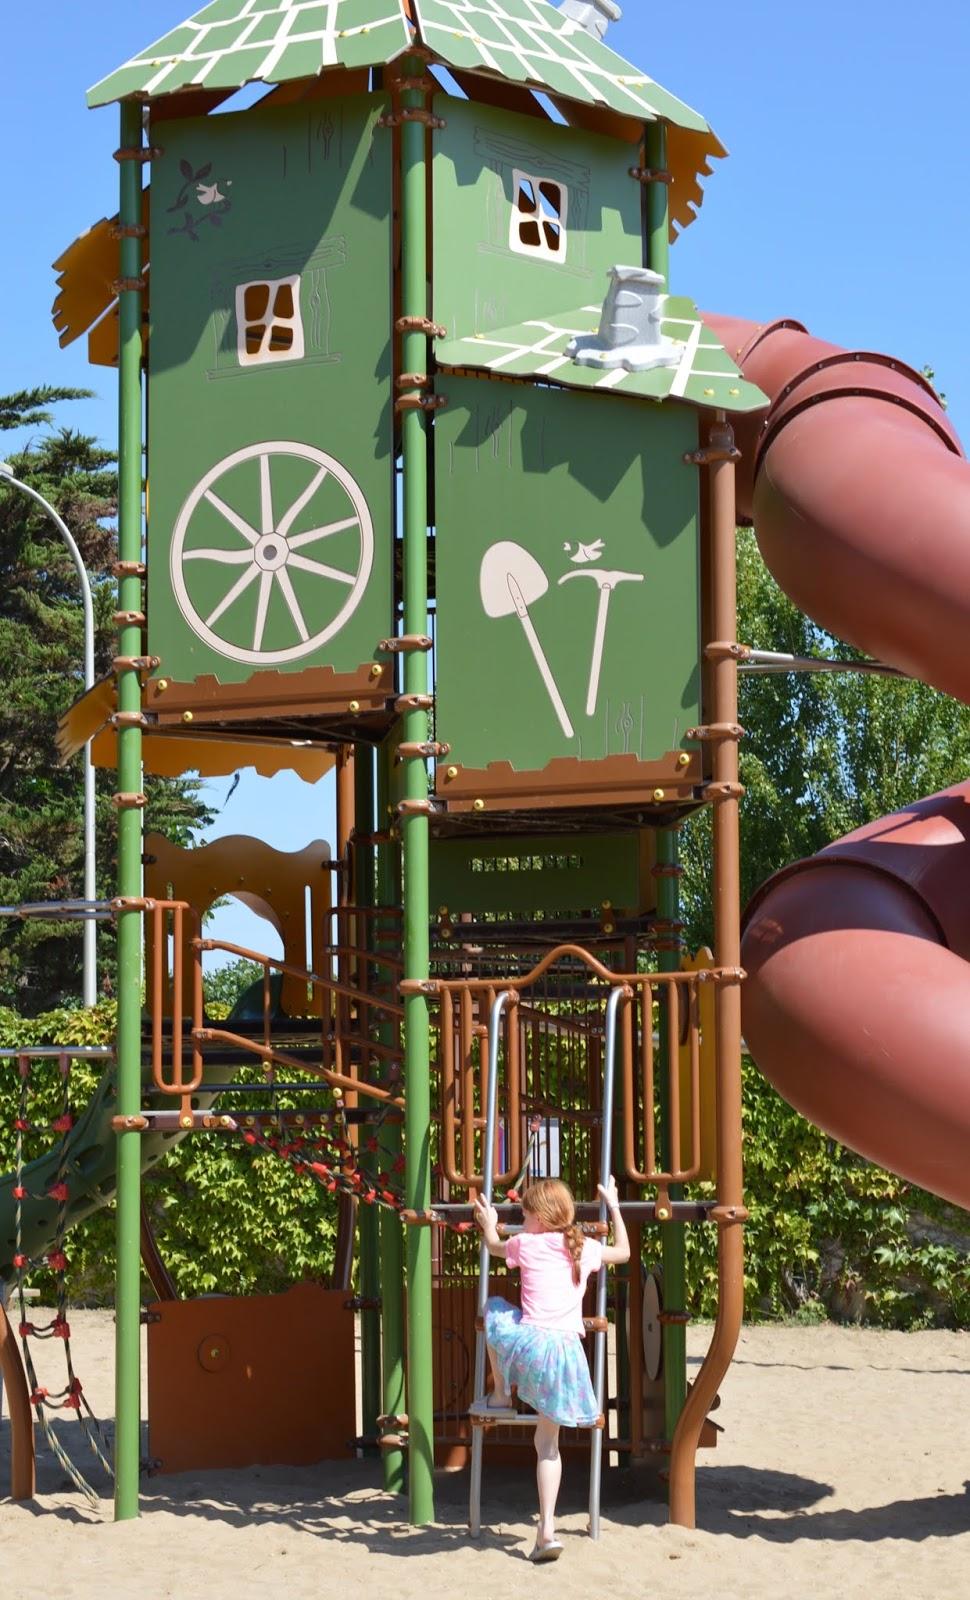 Les Ecureuils Campsite, Vendee - A Eurocamp Site near Puy du Fou (Full Review) - playground / park